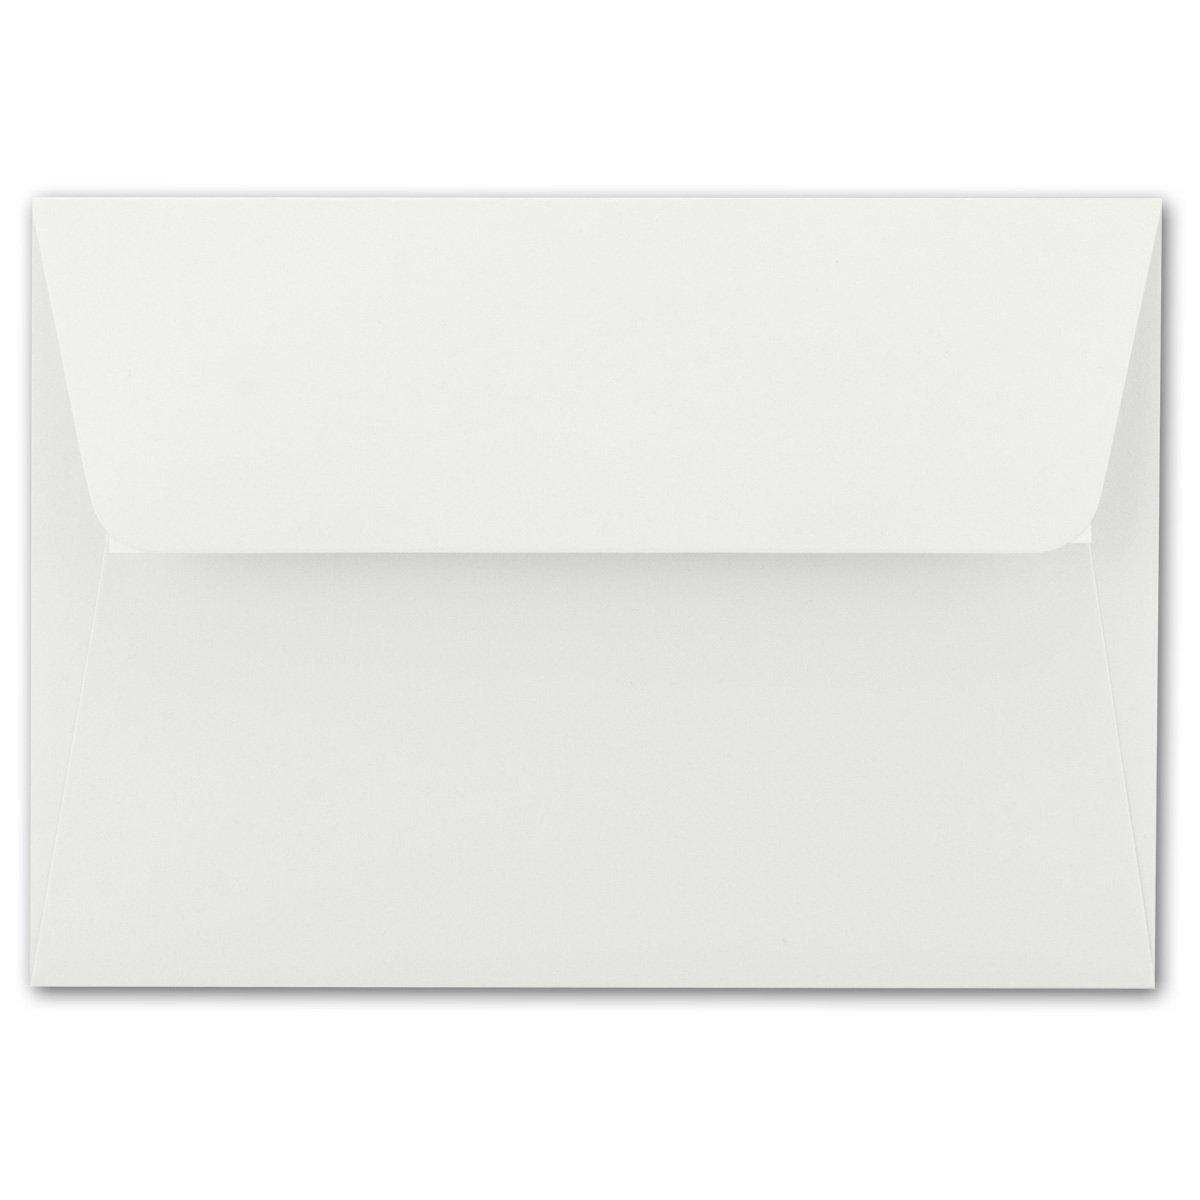 200x Brief-Umschläge B6 - Naturweiss - 12,5 x 17,5 17,5 17,5 cm - Haftklebung 120 g m² - breite edle Verschluss-Lasche - hochwertige Einladungs-Umschläge B078HC34MR | Hat einen langen Ruf  487a18